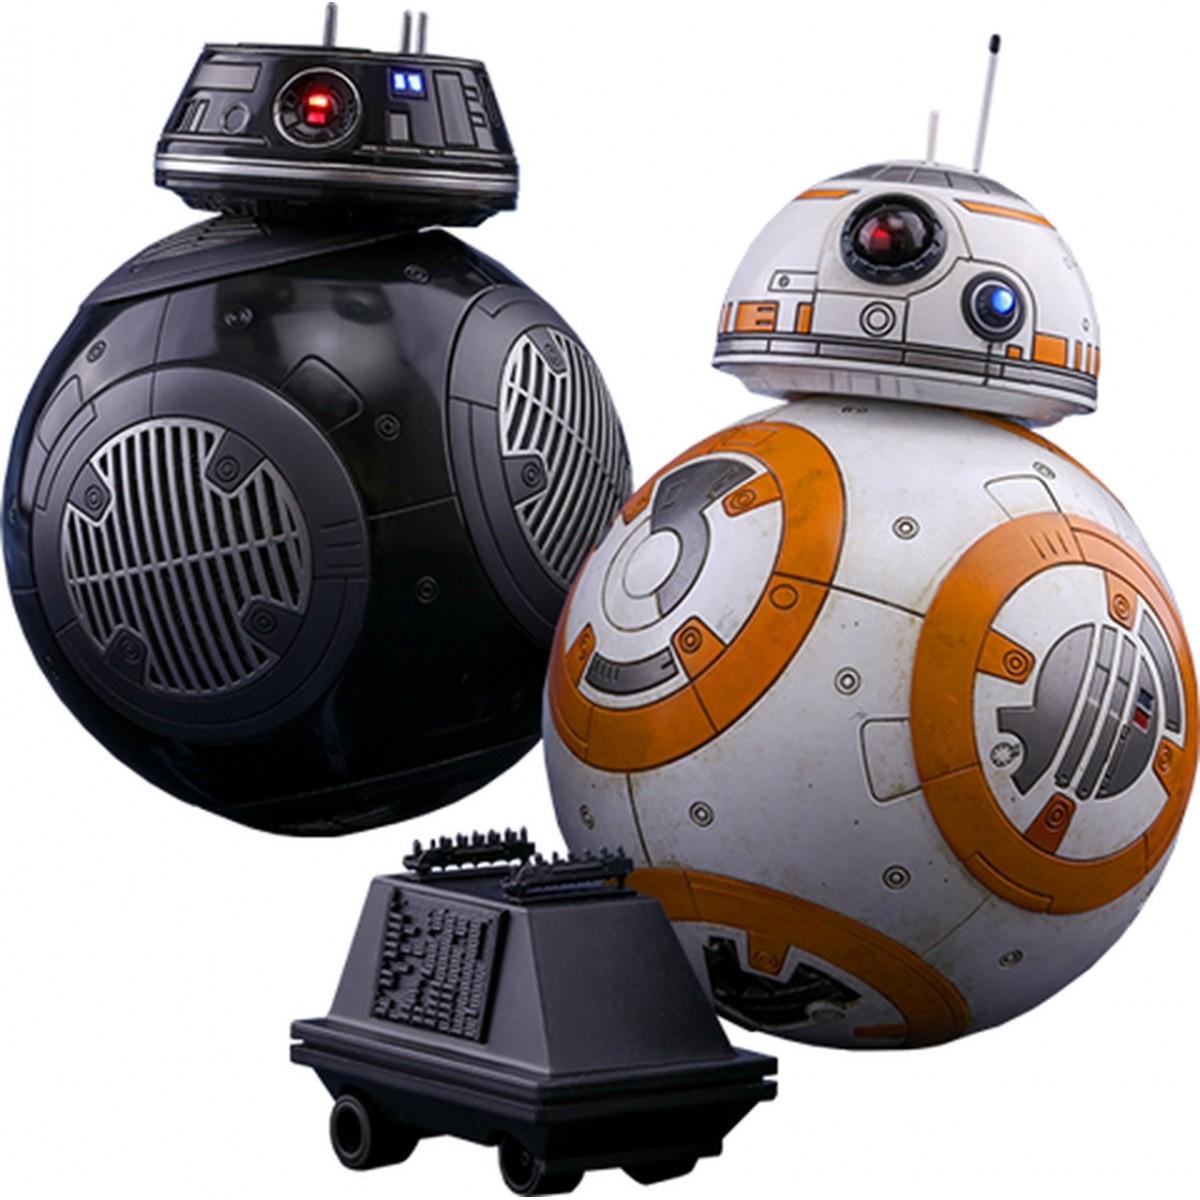 Boneco BB-8 e BB-9E: Star Wars Os Últimos Jedi (The Last Jedi) Escala 1/6 - Hot Toys (Apenas Venda Online)